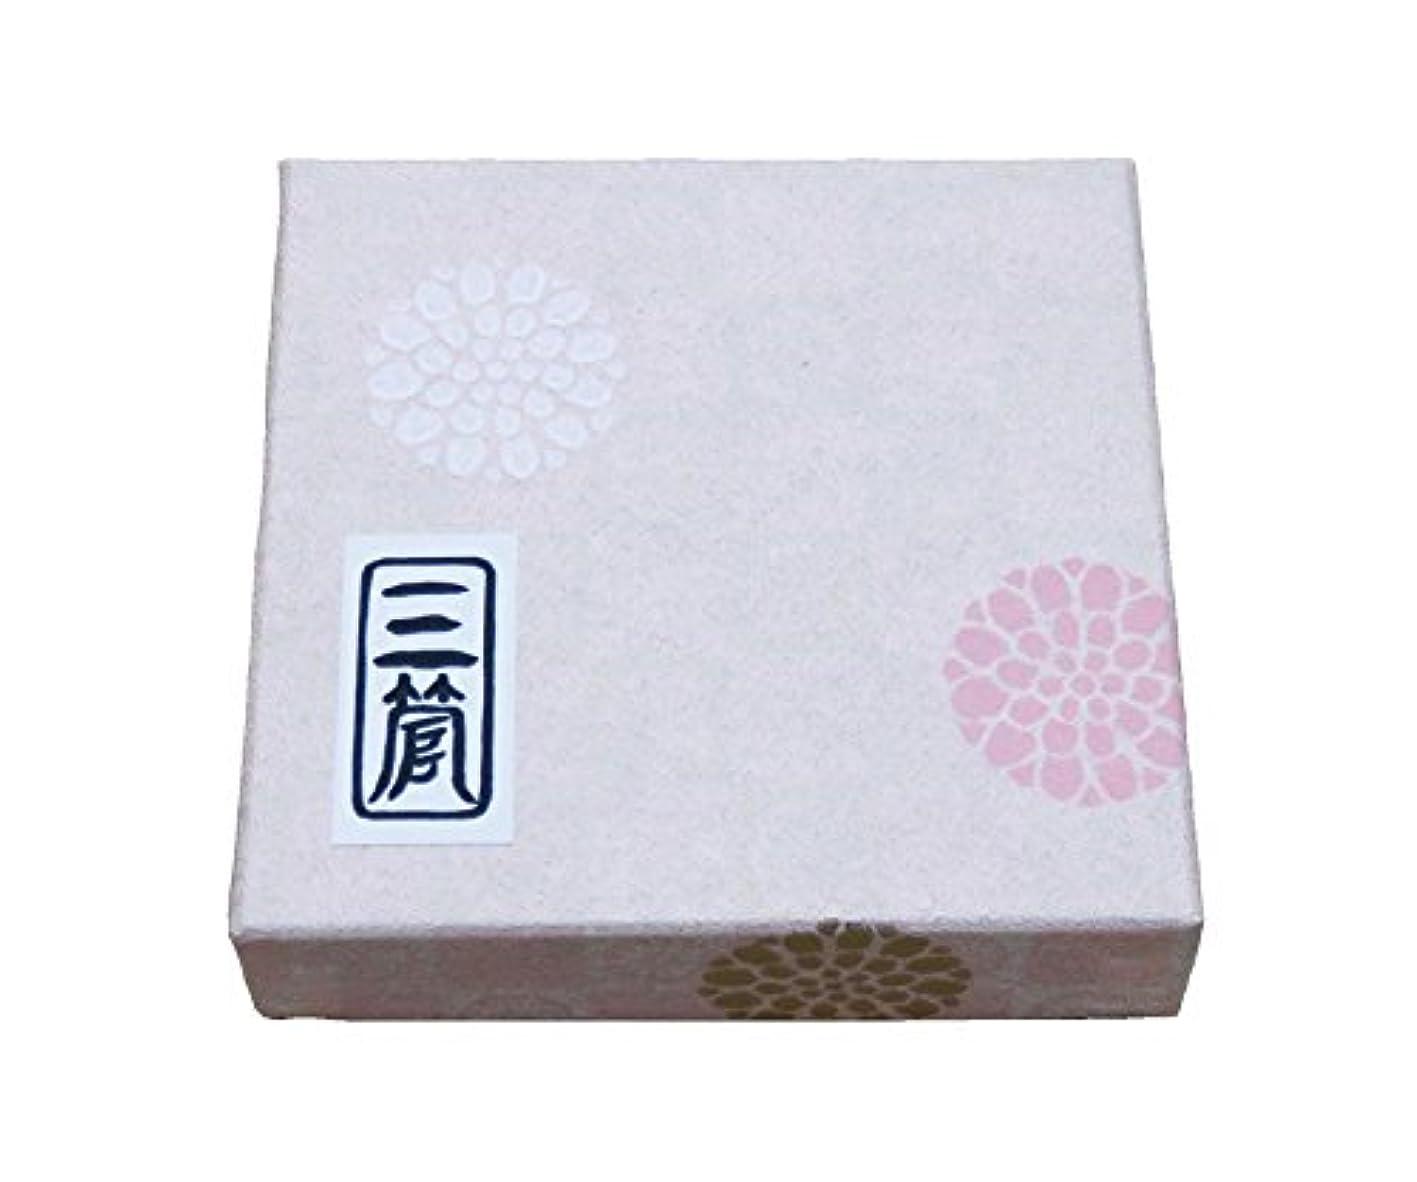 癒しのお香 <仏智香 三管セット 化粧箱入り> 三管3種類が楽しめます 奈良のお香屋あーく煌々(きらら)